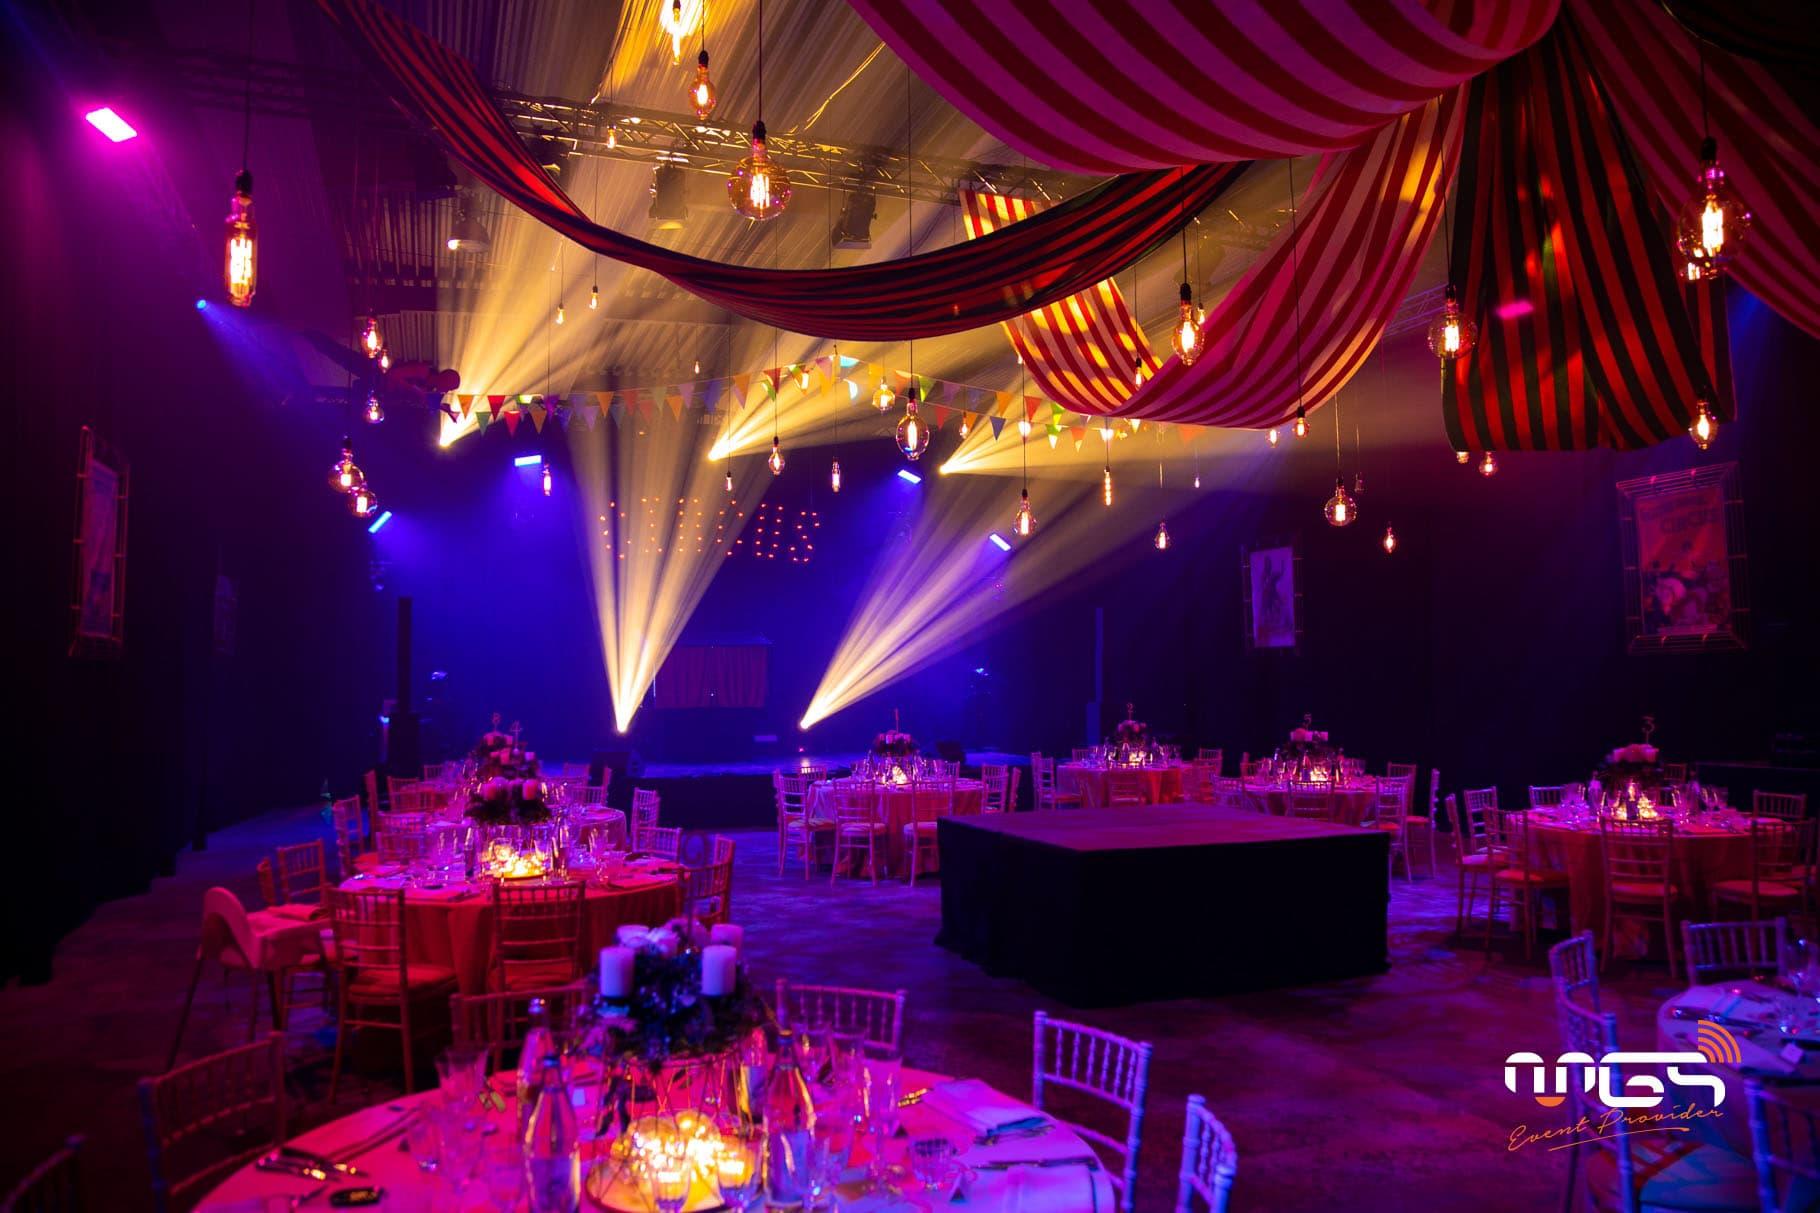 Eclairage d'ambiance et sonorisation mise en place par MGS pour CPPE grâce aux ampoules incandescentes